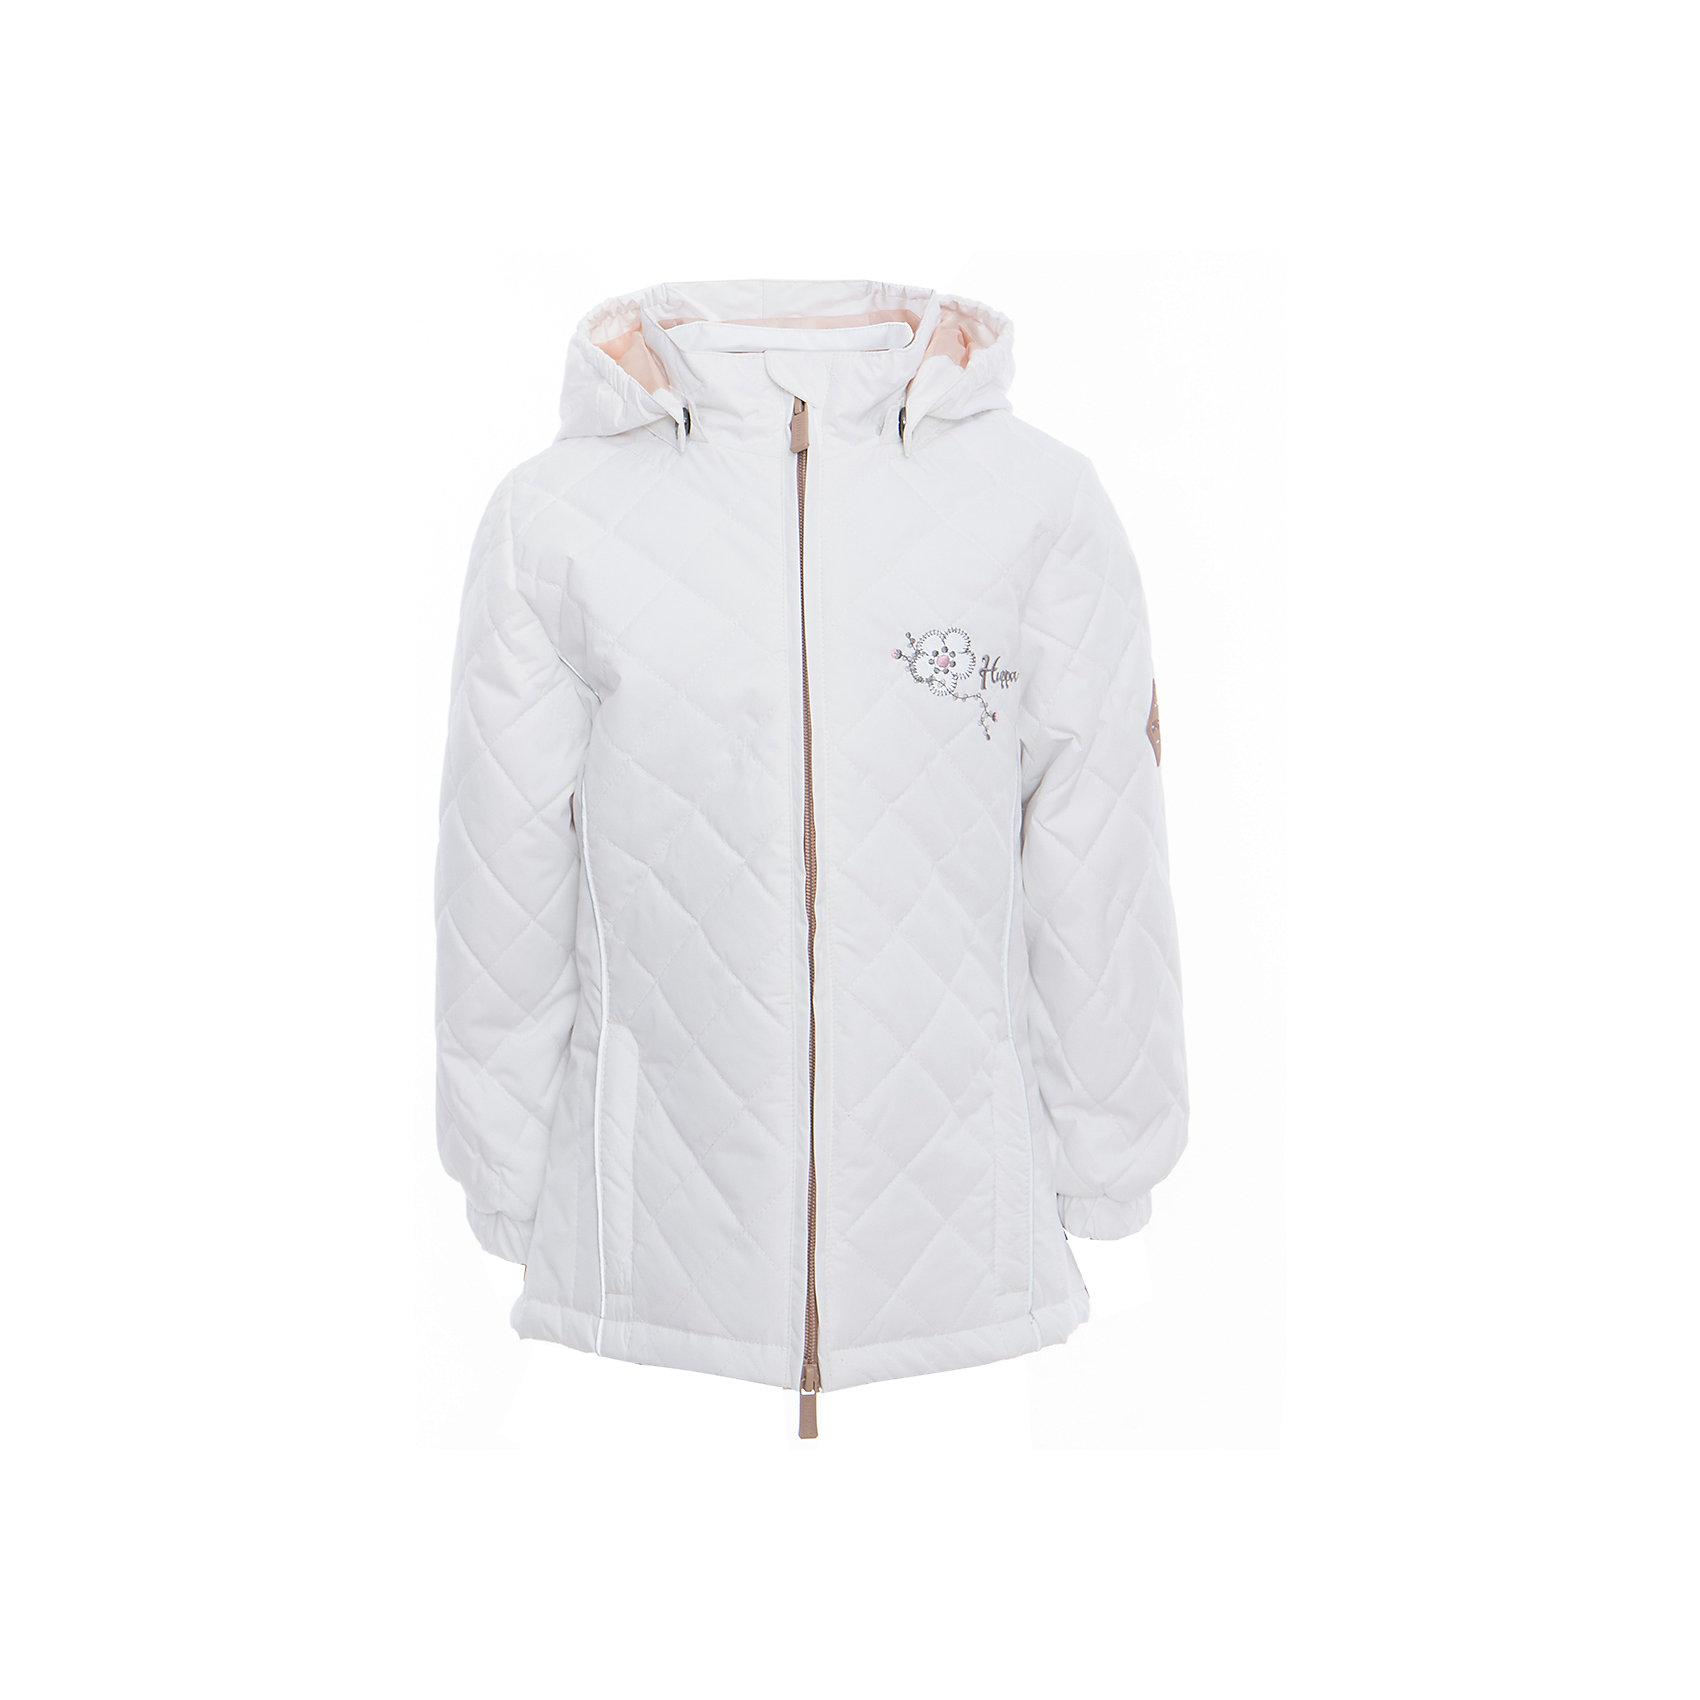 Куртка для девочки RIMMA HuppaВерхняя одежда<br>Характеристики товара:<br><br>• цвет: белый<br>• ткань: 100% полиэстер<br>• подкладка: тафта - 100% полиэстер<br>• утеплитель: 100% полиэстер 100 г<br>• температурный режим: от -5°С до +10°С<br>• водонепроницаемость: 5000 мм<br>• воздухопроницаемость: 5000 мм<br>• светоотражающие детали<br>• эластичные манжеты<br>• молния<br>• съёмный капюшон с резинкой<br>• декорирована вышивкой<br>• карманы на молнии<br>• комфортная посадка<br>• коллекция: весна-лето 2017<br>• страна бренда: Эстония<br><br>Эта стильная куртка обеспечит детям тепло и комфорт. Она сделана из материала, отталкивающего воду, и дополнено подкладкой с утеплителем, поэтому изделие идеально подходит для межсезонья. Материал изделия - с мембранной технологией: защищая от влаги и ветра, он легко выводит лишнюю влагу наружу. Для удобства сделан капюшон. Куртка очень симпатично смотрится, яркая расцветка и крой добавляют ему оригинальности. Модель была разработана специально для детей.<br><br>Одежда и обувь от популярного эстонского бренда Huppa - отличный вариант одеть ребенка можно и комфортно. Вещи, выпускаемые компанией, качественные, продуманные и очень удобные. Для производства изделий используются только безопасные для детей материалы. Продукция от Huppa порадует и детей, и их родителей!<br><br>Куртку для девочки RIMMA от бренда Huppa (Хуппа) можно купить в нашем интернет-магазине.<br><br>Ширина мм: 356<br>Глубина мм: 10<br>Высота мм: 245<br>Вес г: 519<br>Цвет: белый<br>Возраст от месяцев: 144<br>Возраст до месяцев: 156<br>Пол: Женский<br>Возраст: Детский<br>Размер: 158,104,110,116,122,128,134,140,146,152<br>SKU: 5346883